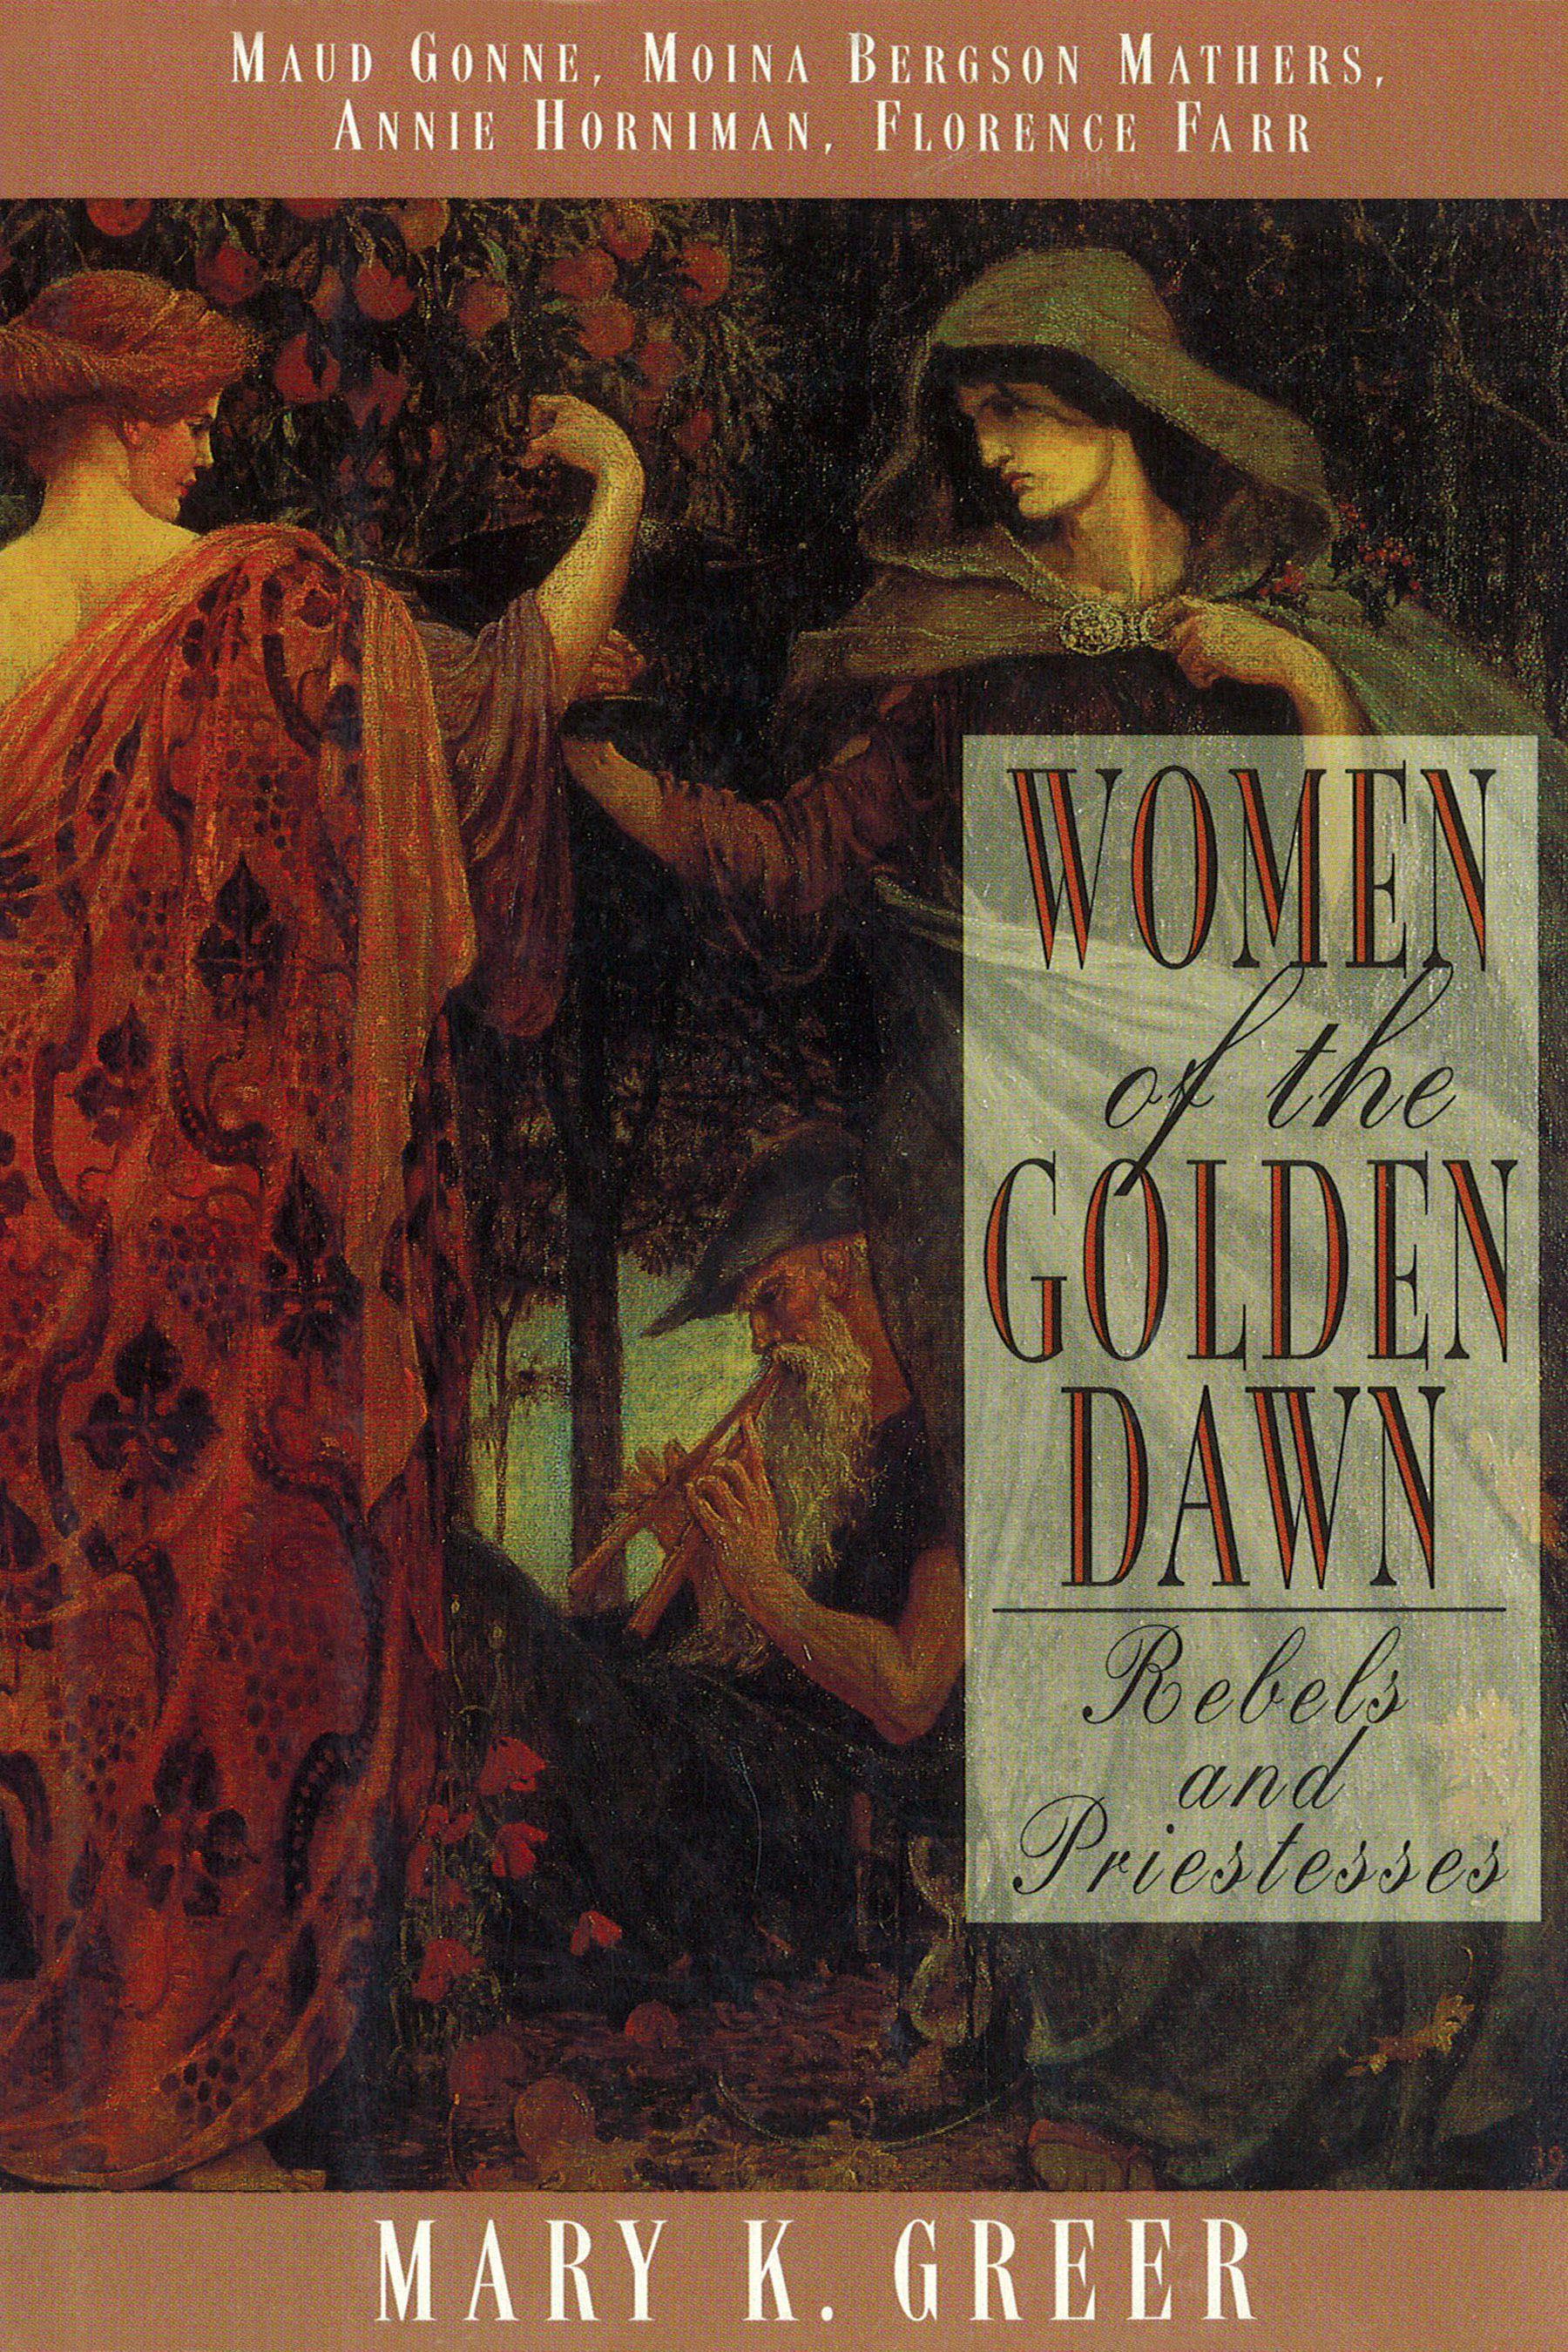 Women of the golden dawn 9780892816071 hr